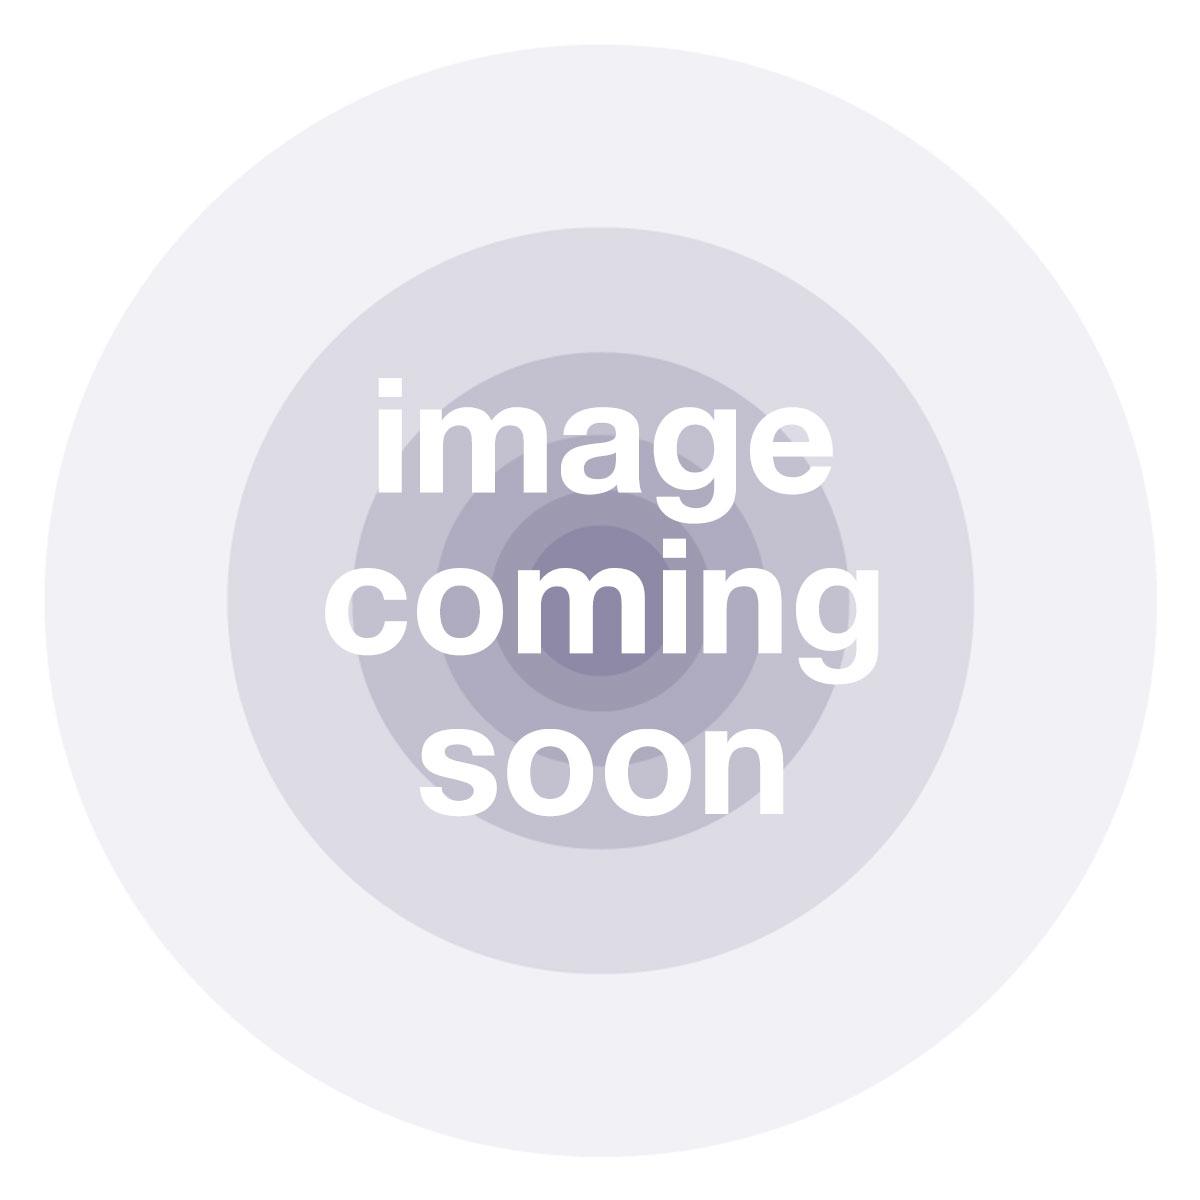 McDSP EC300 Magentic